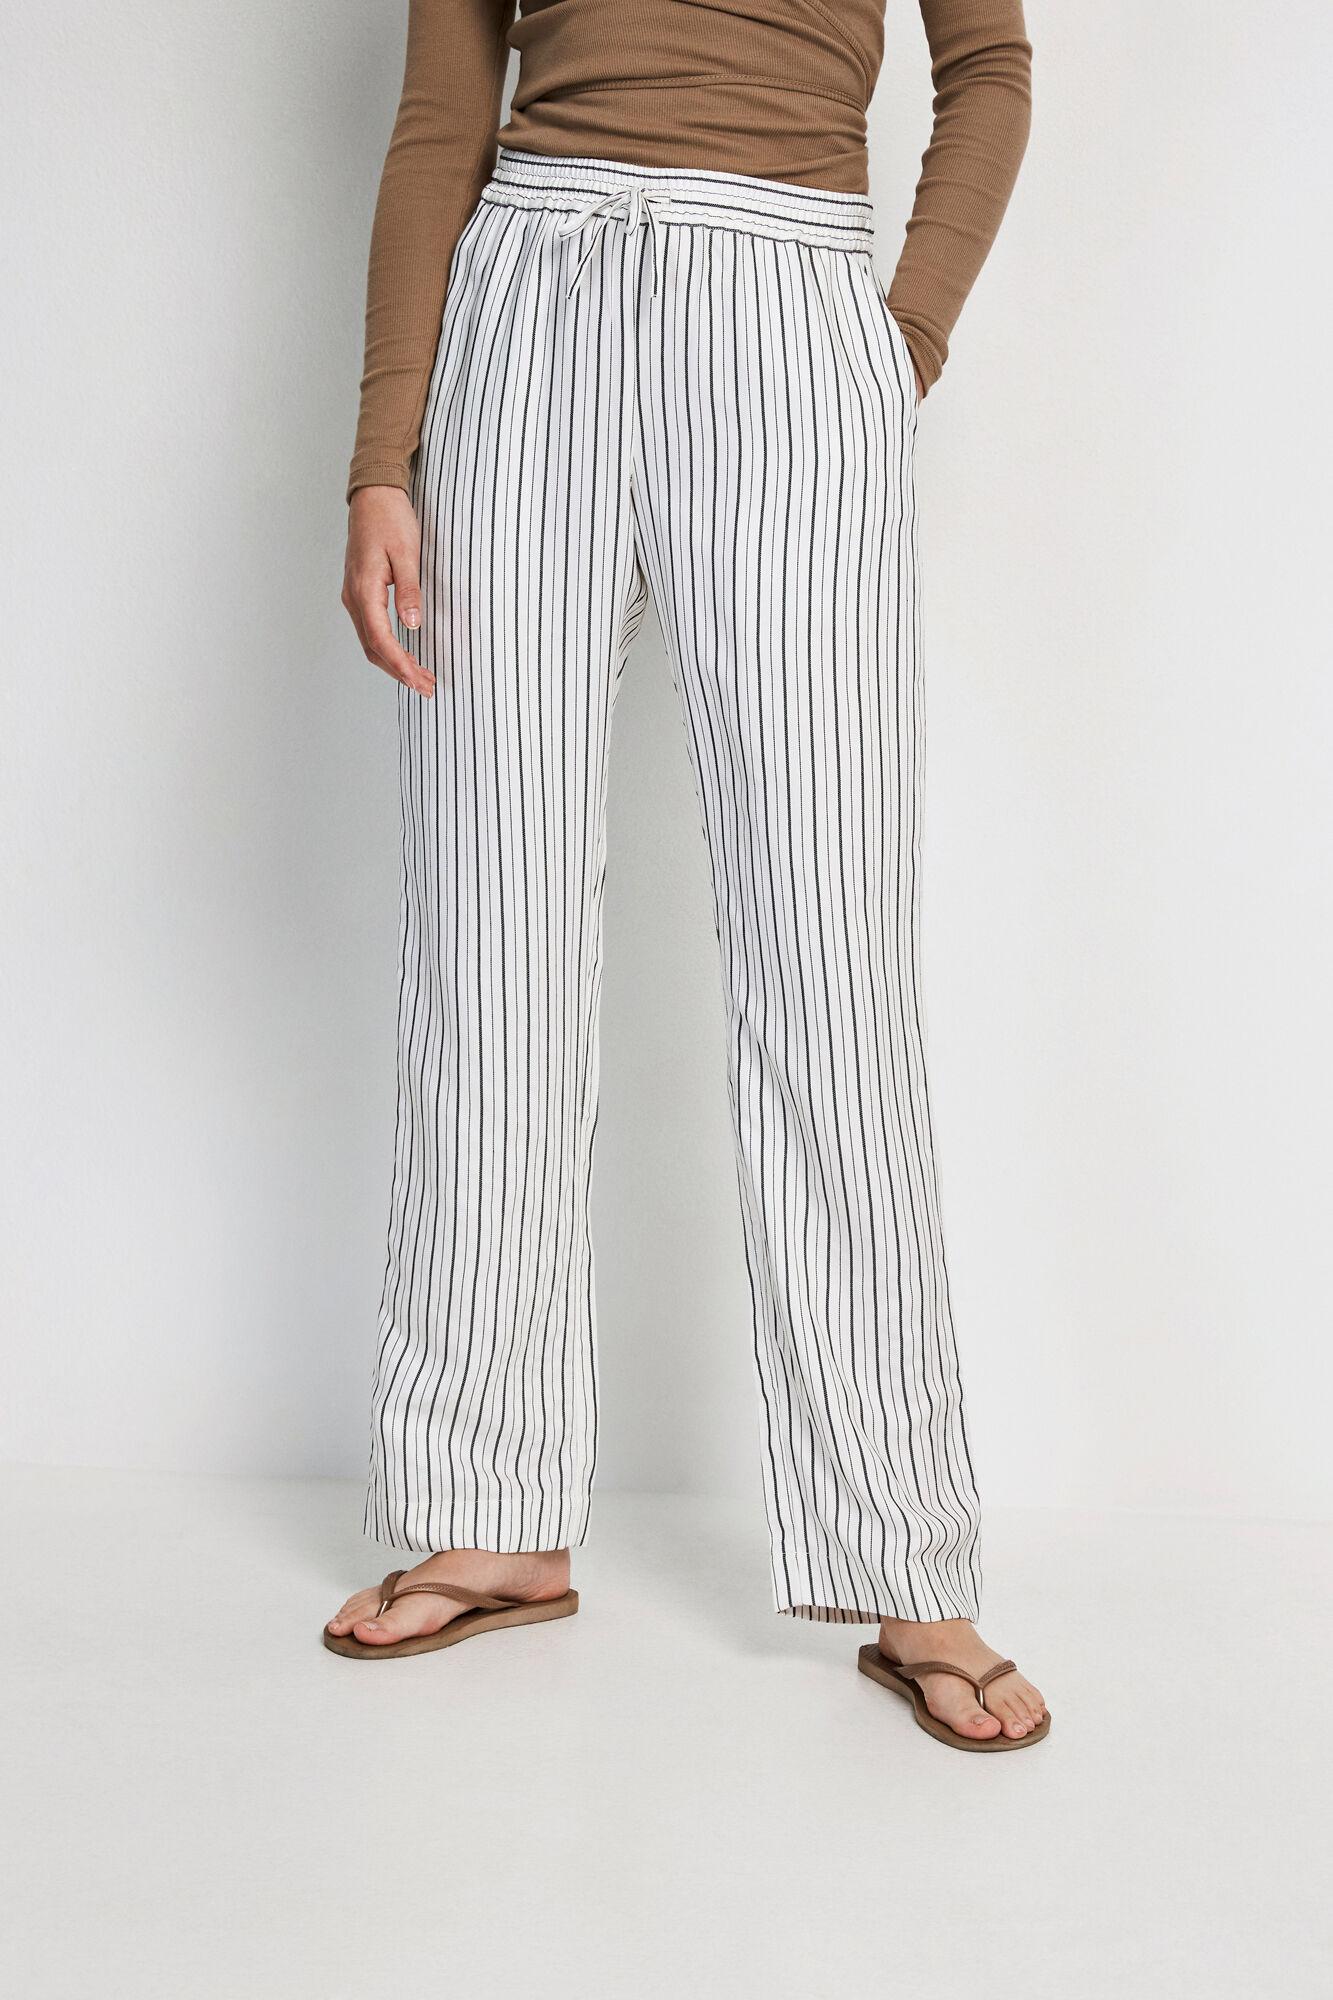 ENEDGAR PANTS 6627